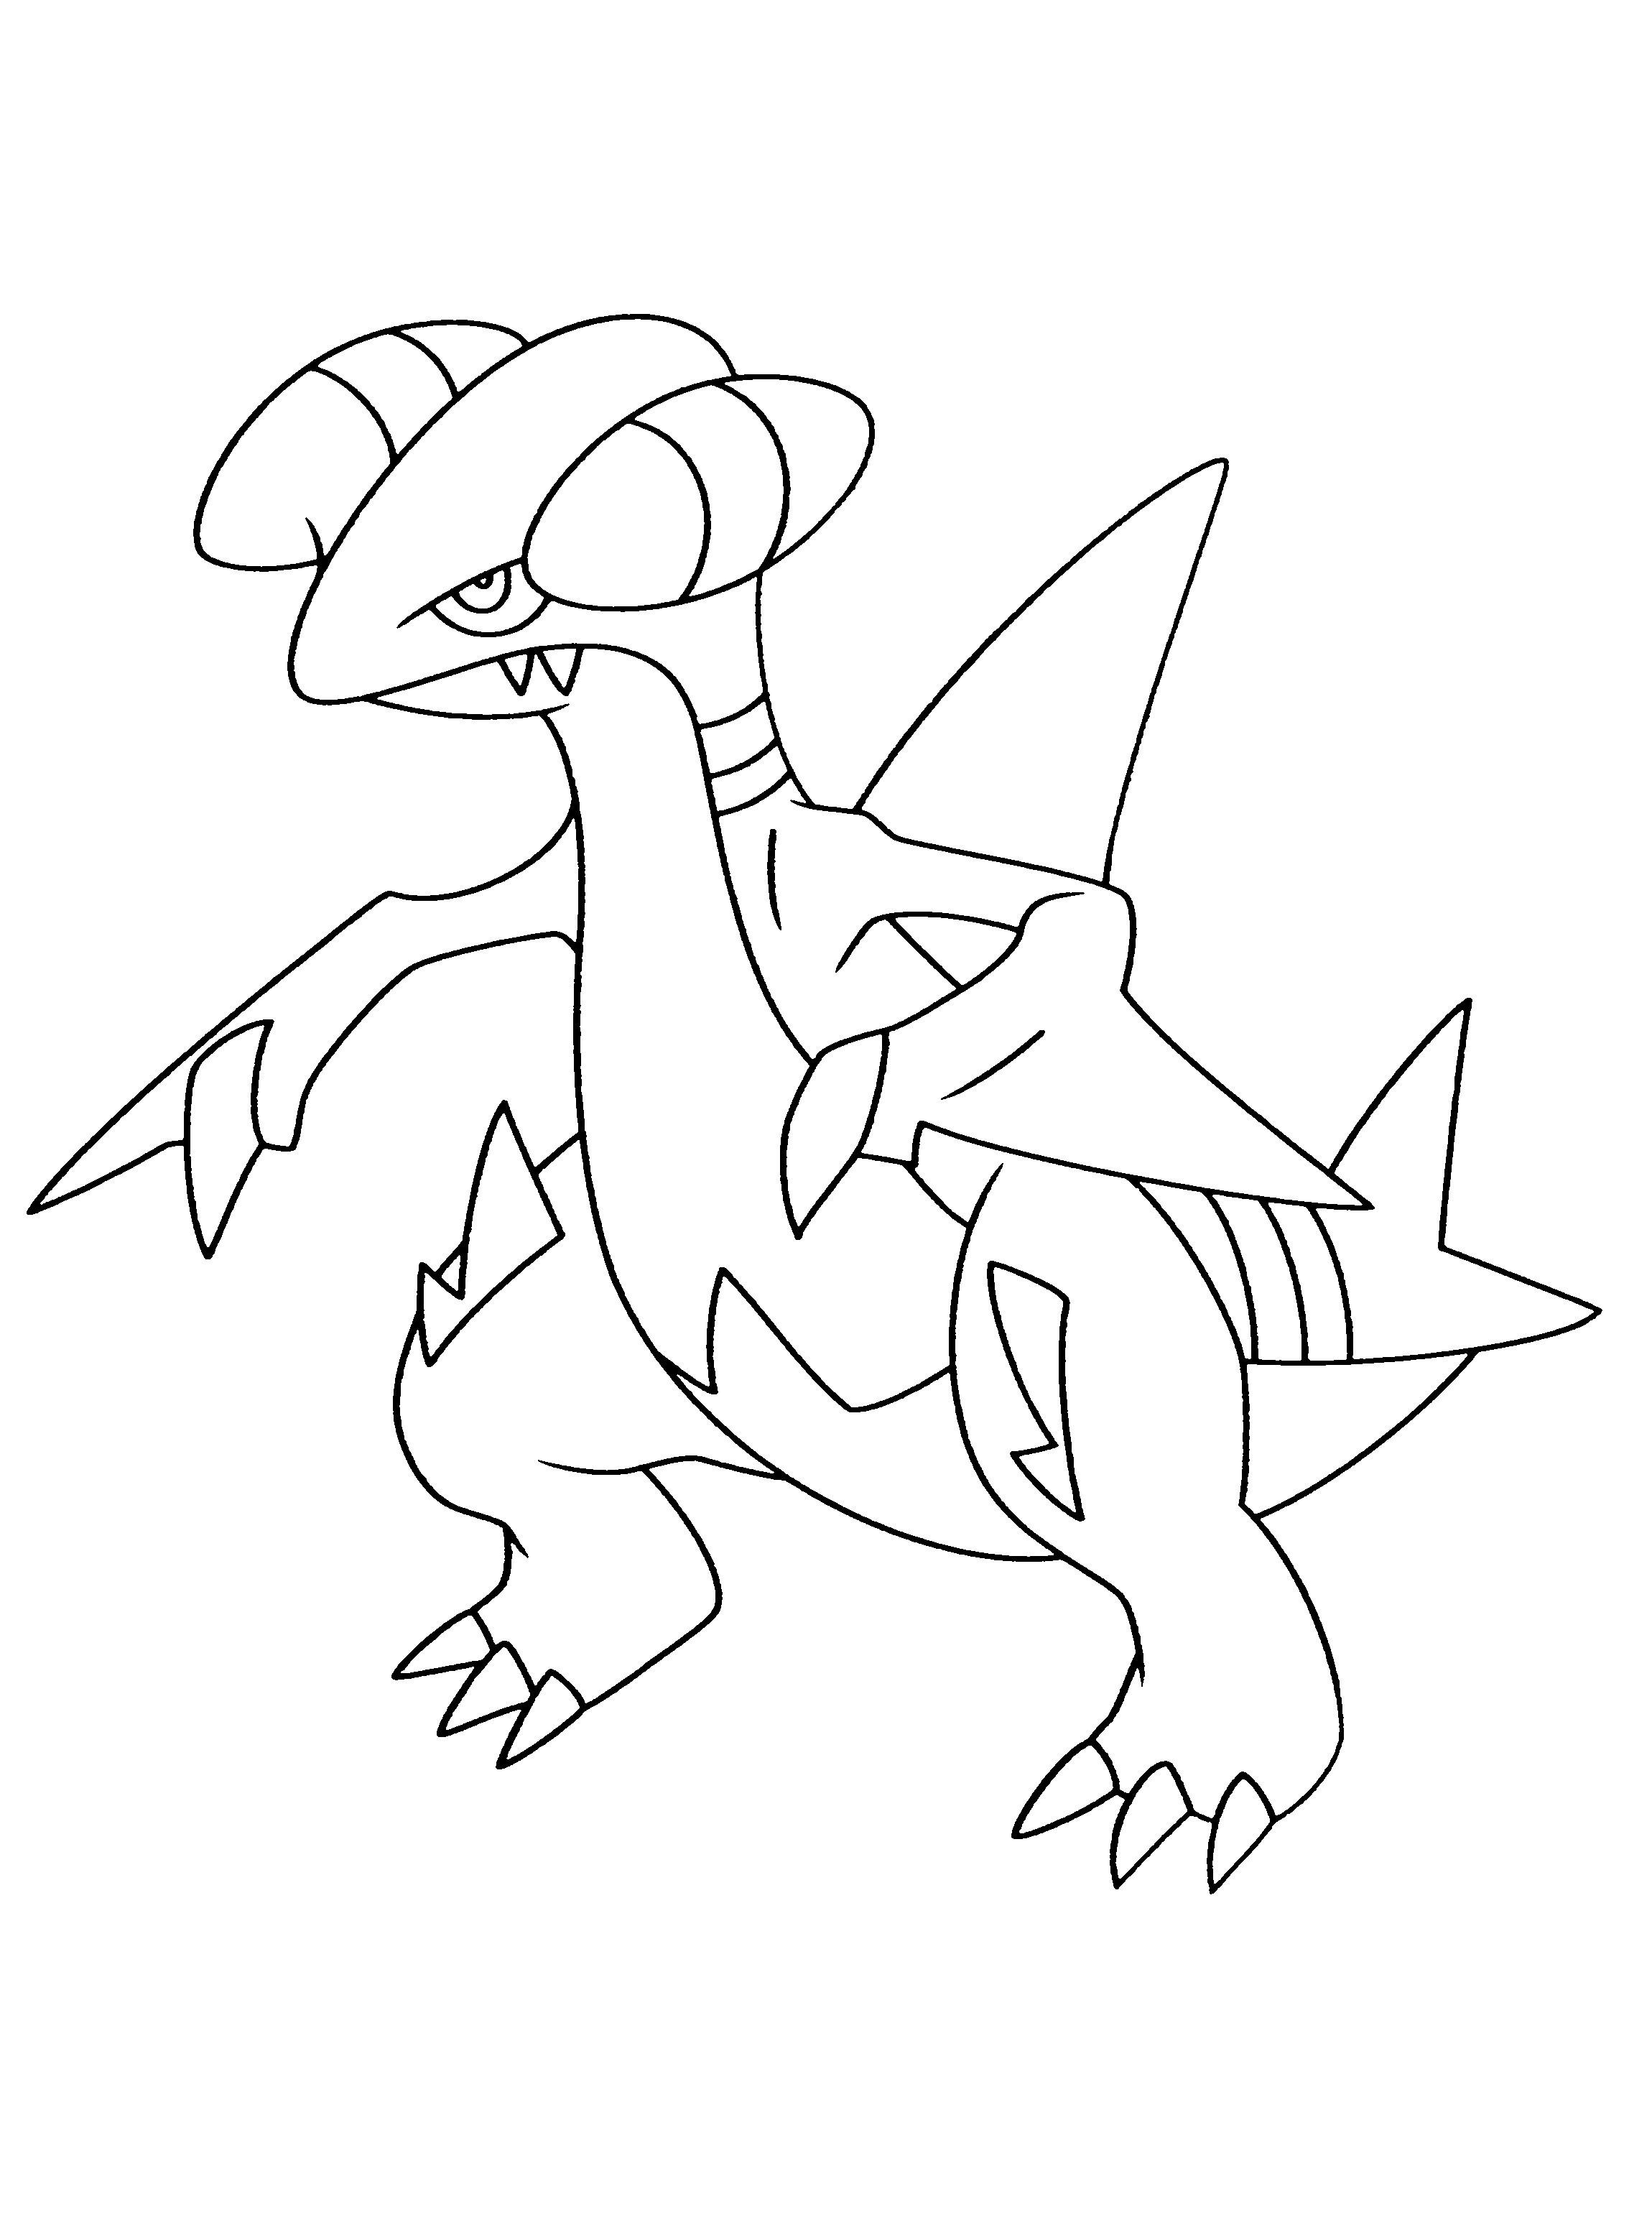 Ausmalbilder Pokemon Lucario Neu Mandala Pokemon Ausdrucken Bild